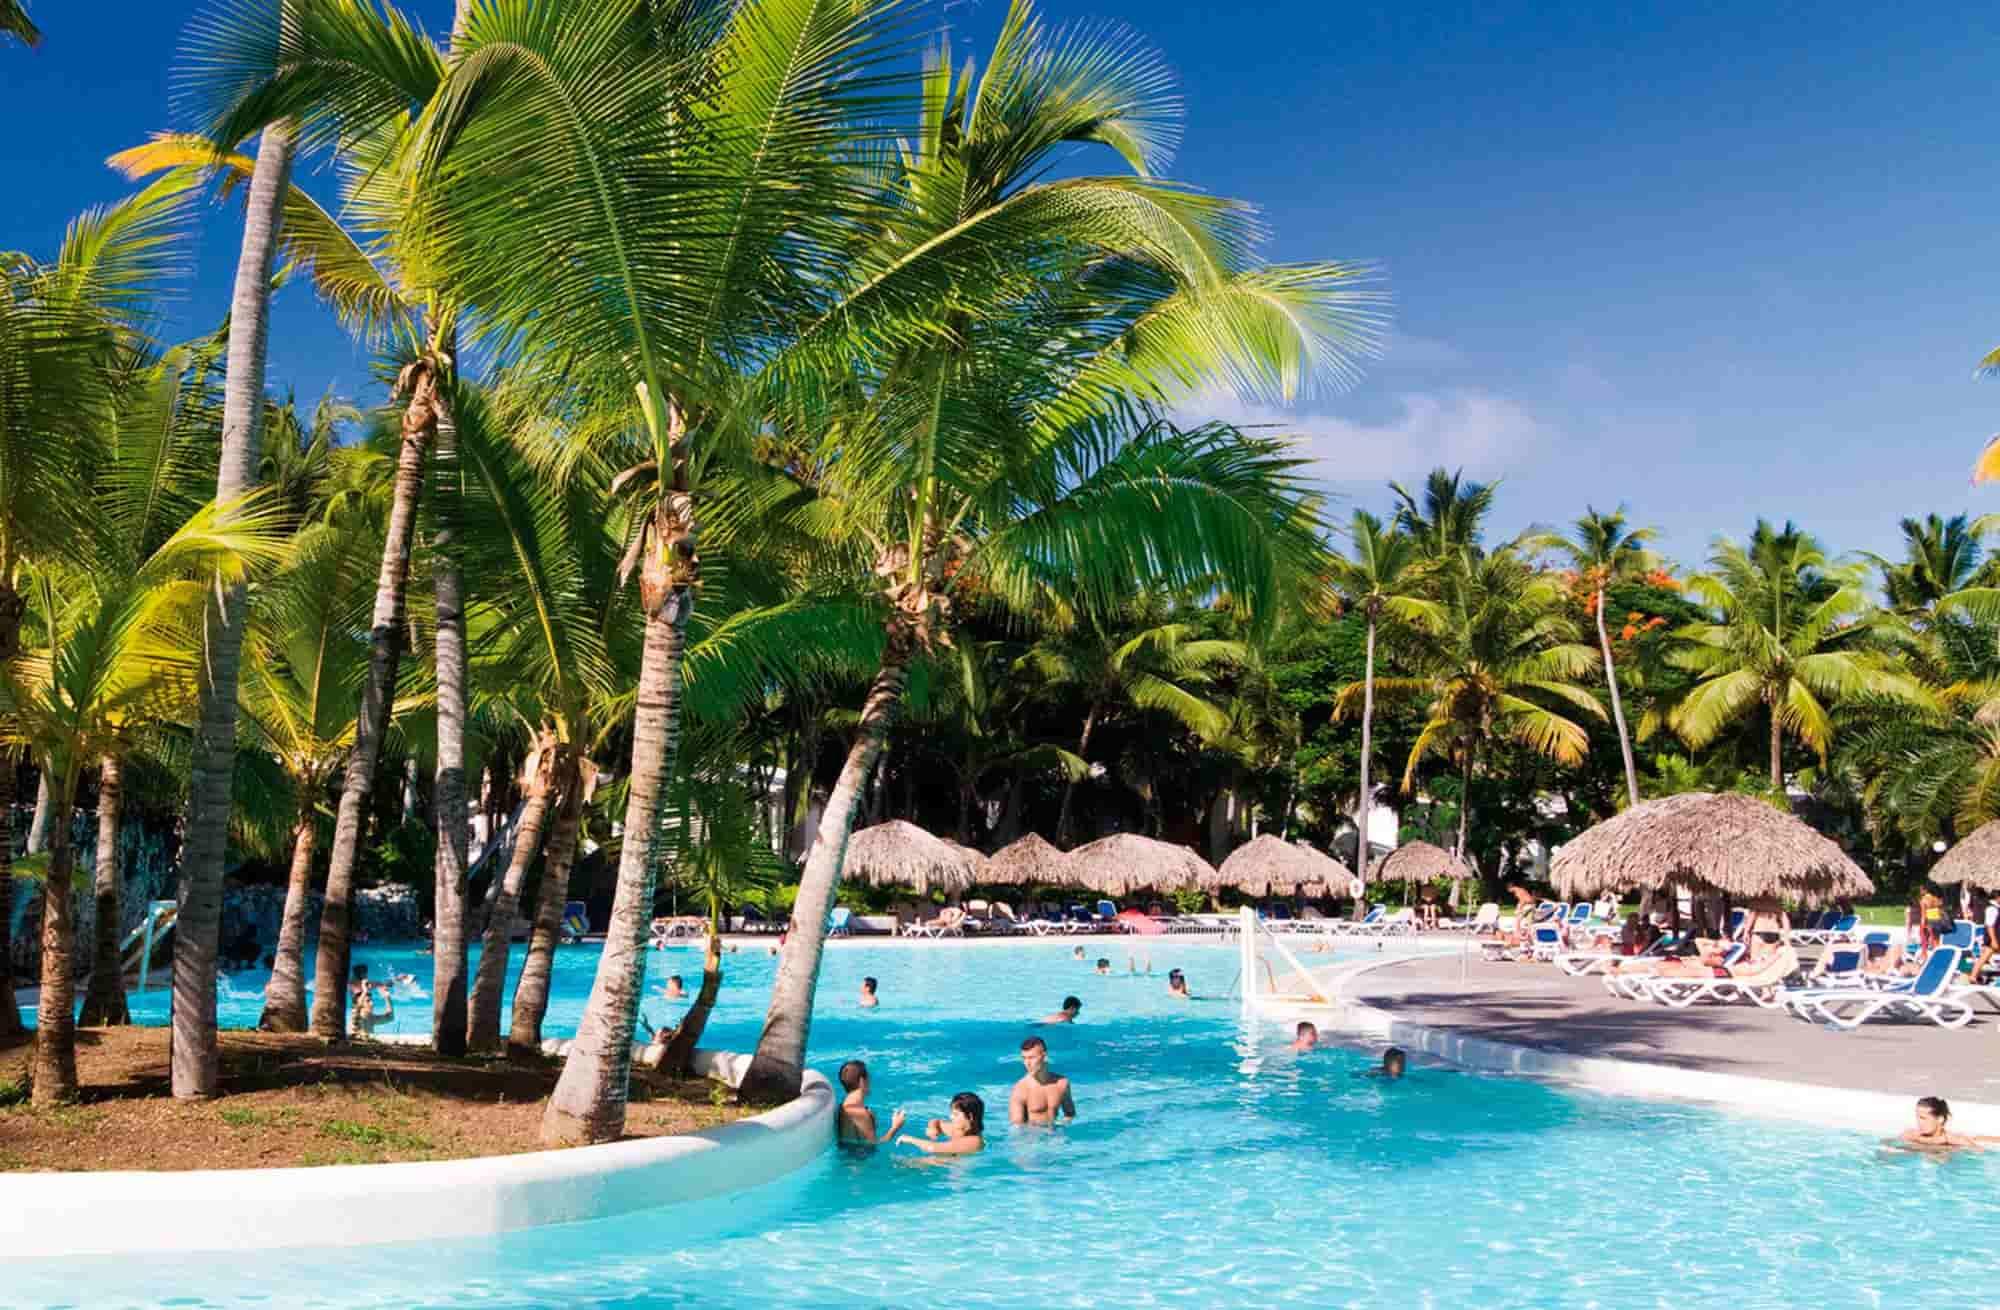 Hotel riu naiboa all inclusive hotel punta cana - Hotel Riu Naiboa All Inclusive Hotel Punta Cana 13